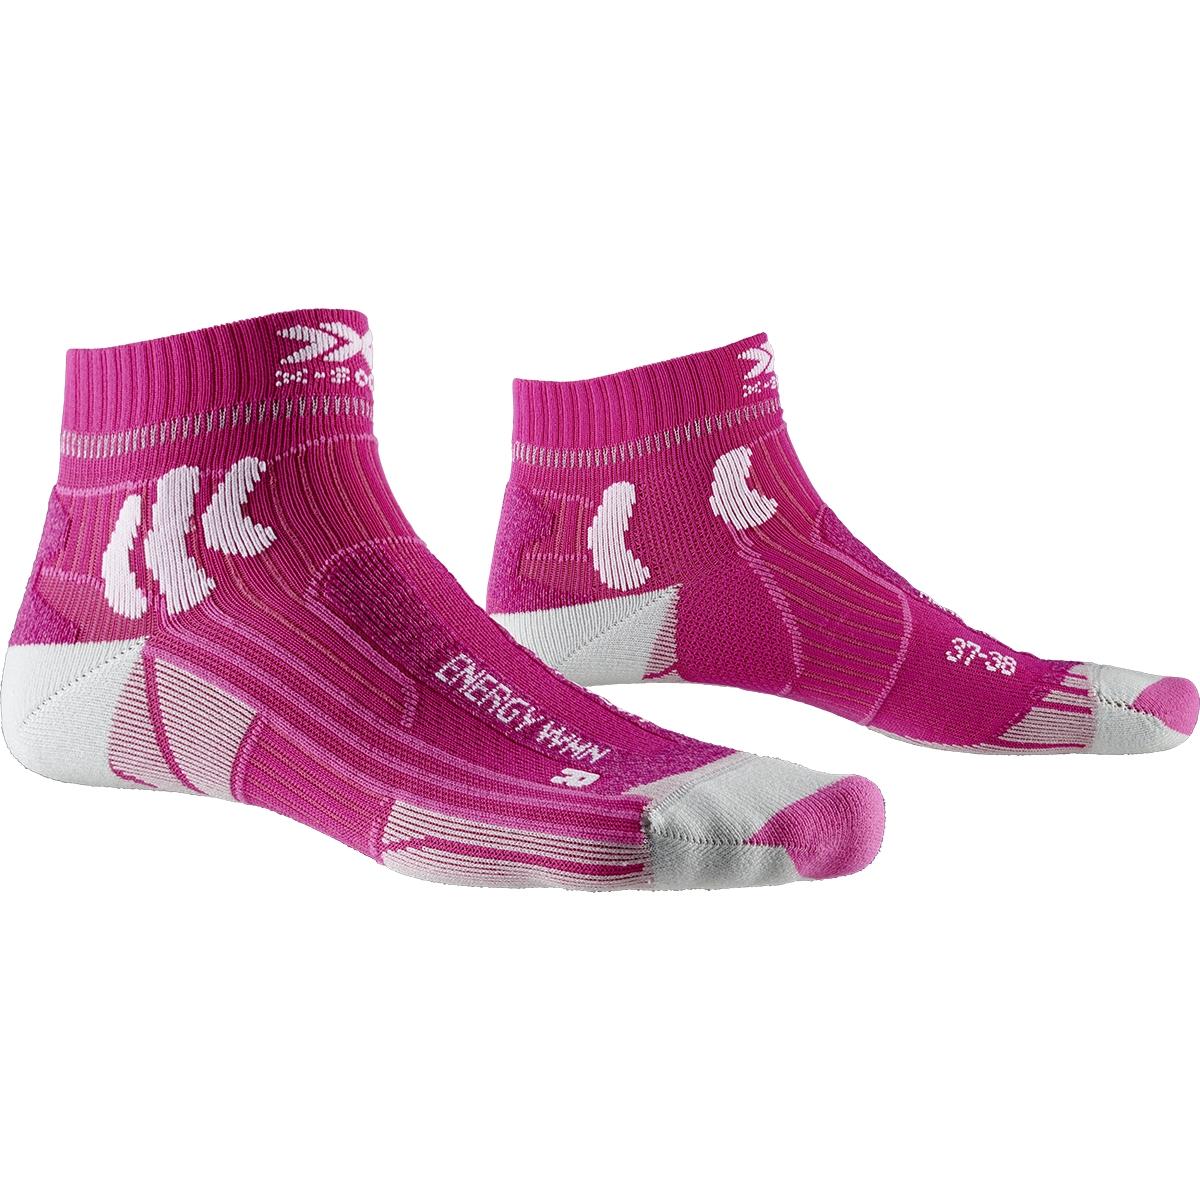 Bild von X-Socks Marathon Energy Damen Laufsocken - flamingo pink/arctic white